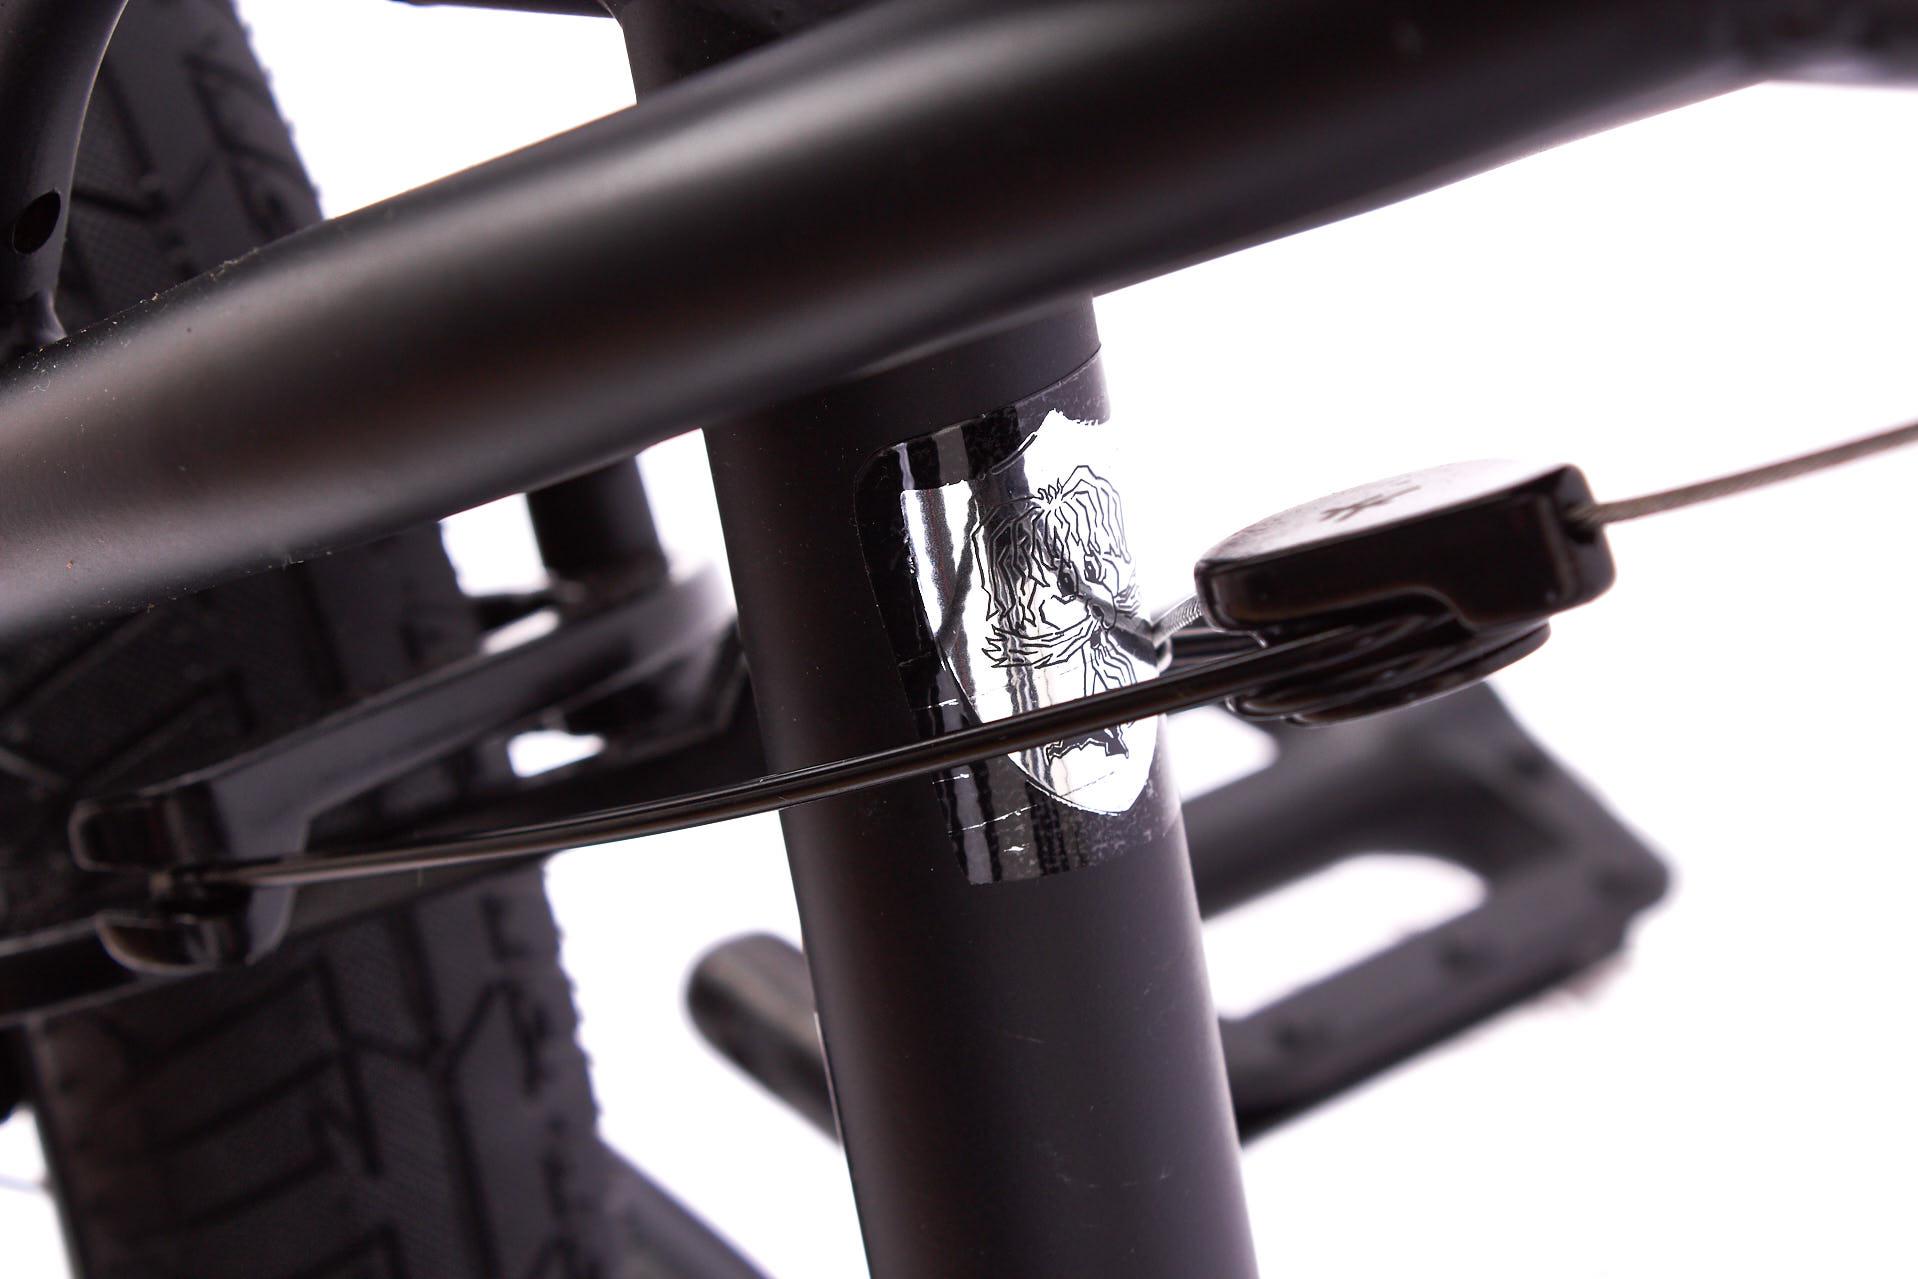 Ein perfekt eingestellter Rotor ist wertlos, wenn die Bremse schlecht ist. Und aus diesem Grund hat man bei KHEbikes hinten eine der besten U-Brakes verbaut, die es derzeit auf dem Markt gibt: die Flybikes Springhanger